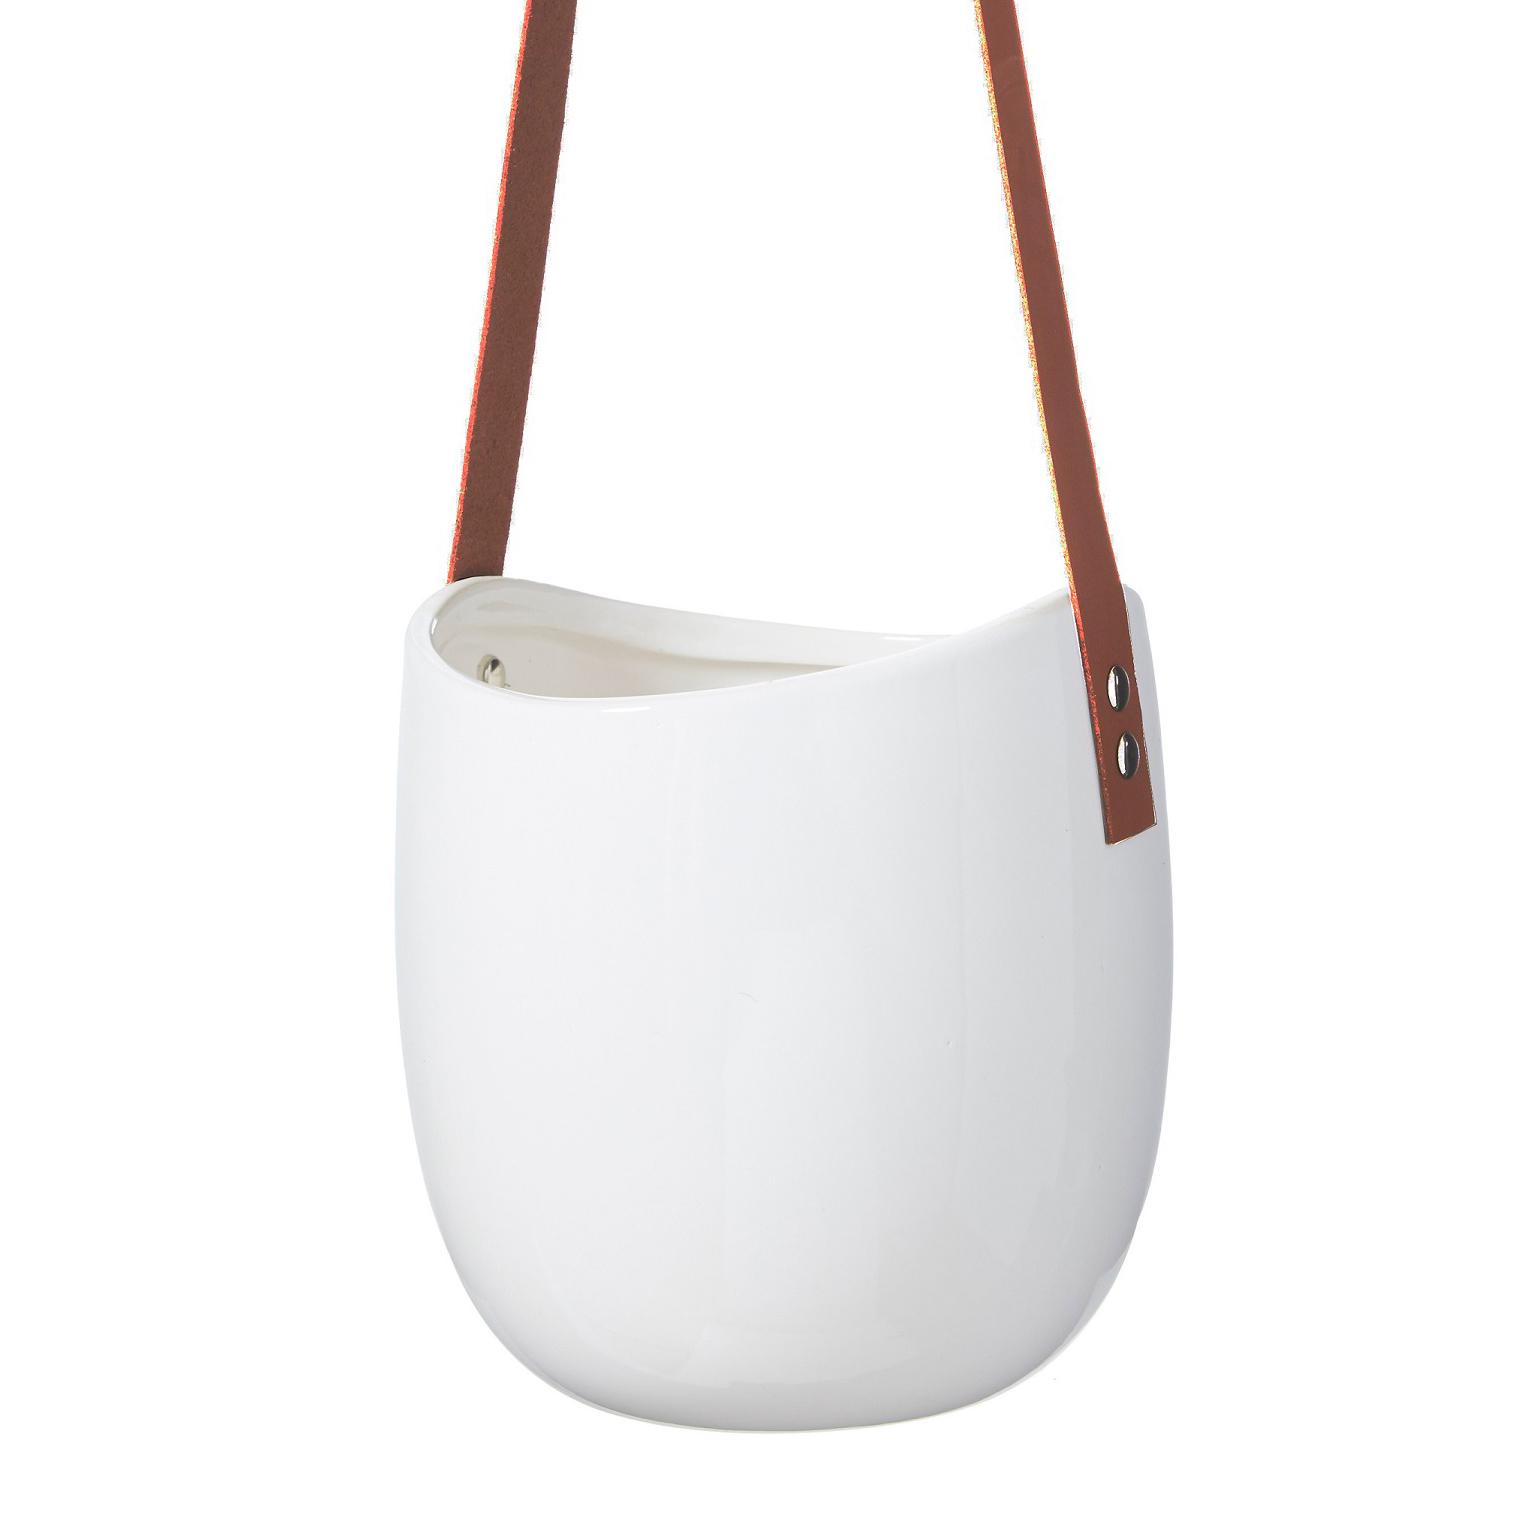 Whidel Hanging Pot White